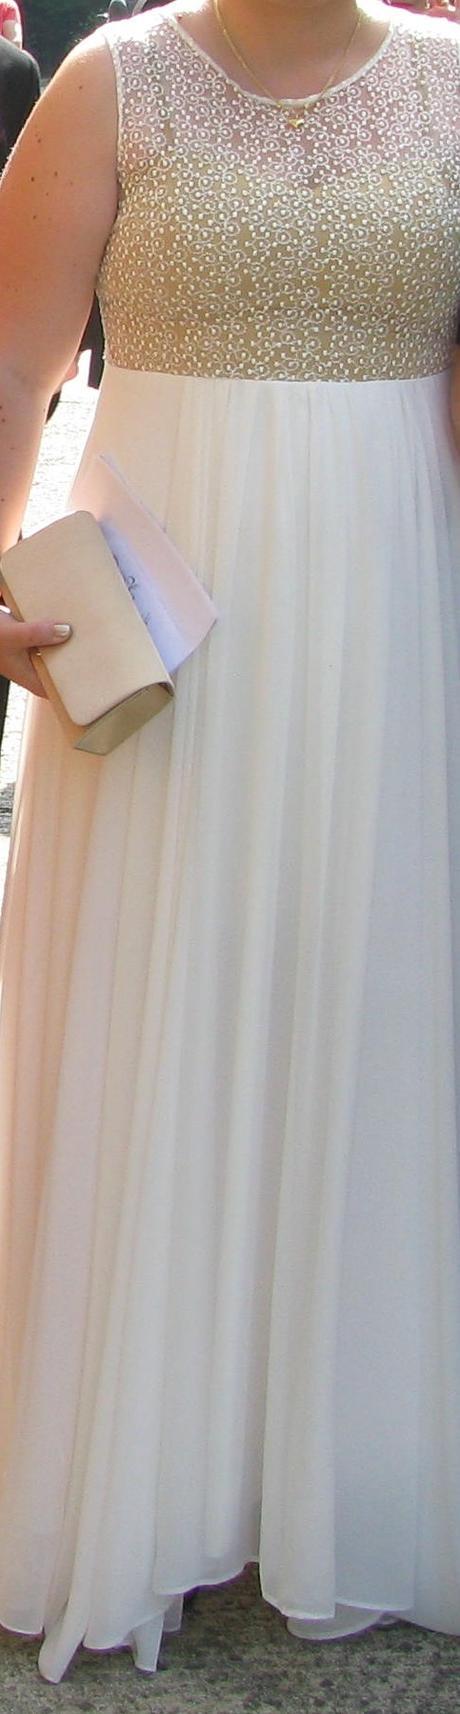 Jednoduché svadobné alebo spoločenské šaty - Obrázok č. 2